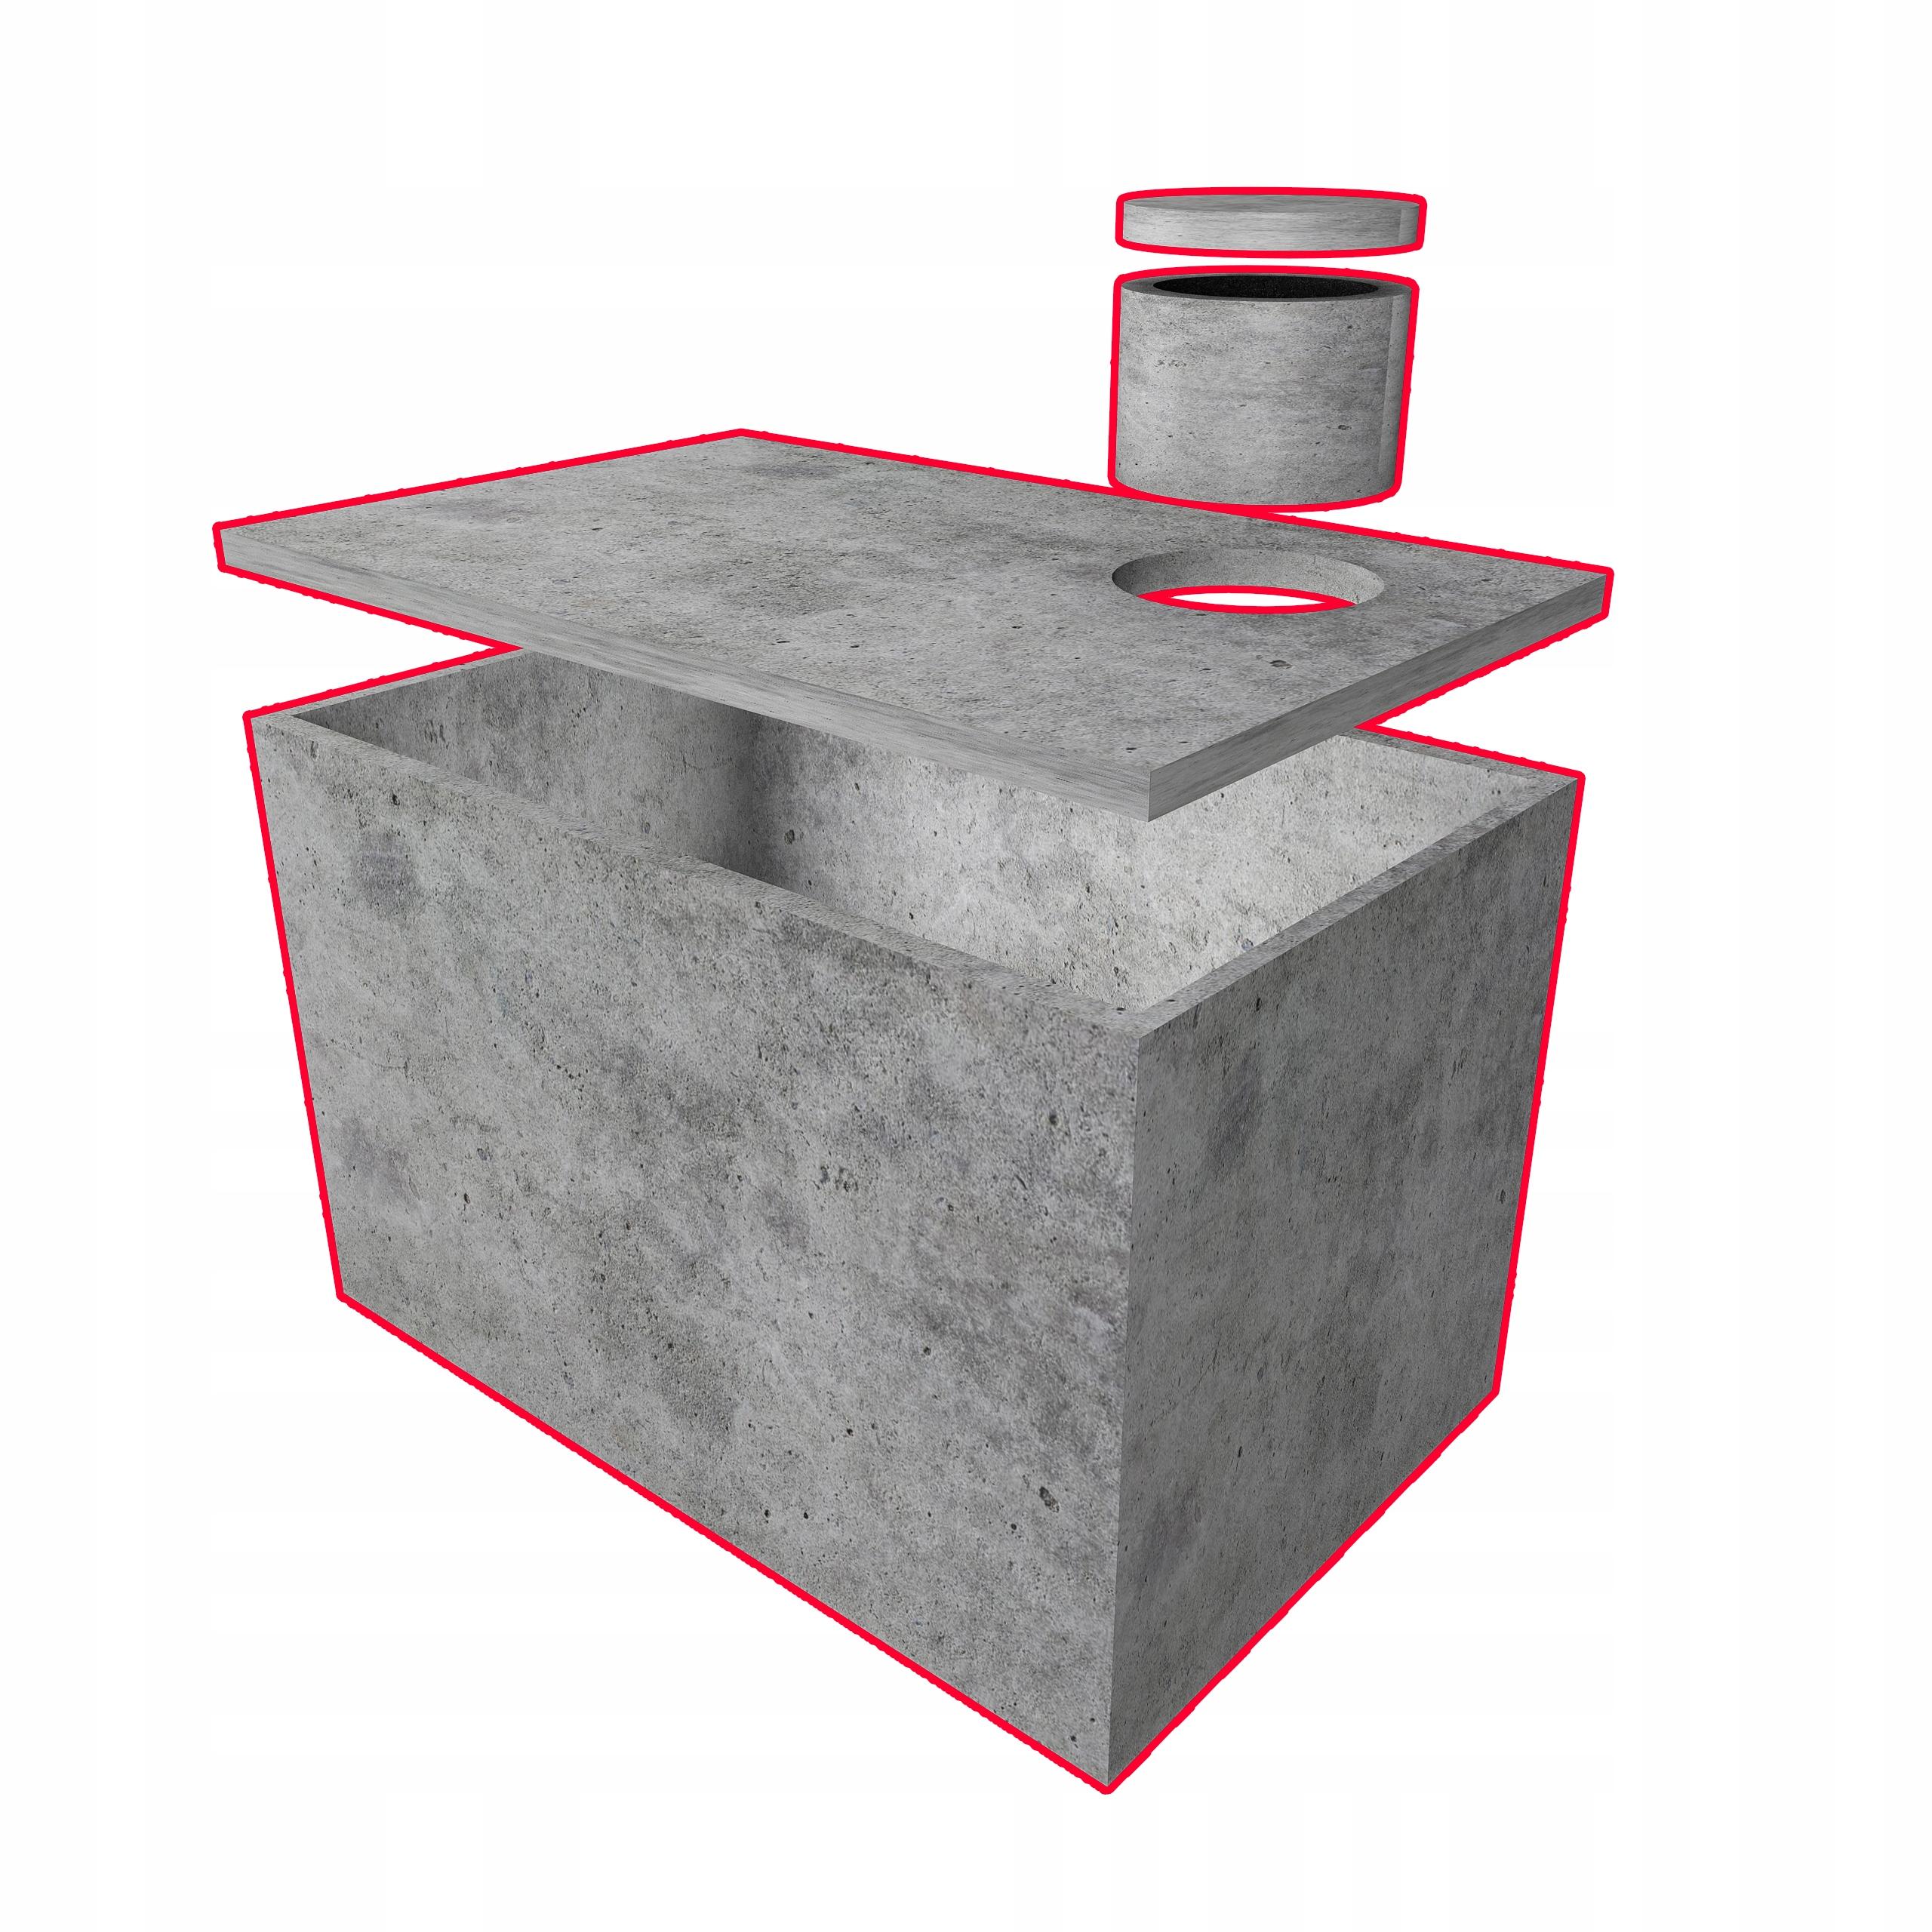 бетонный резервуар для дождевой воды септик для воды септик